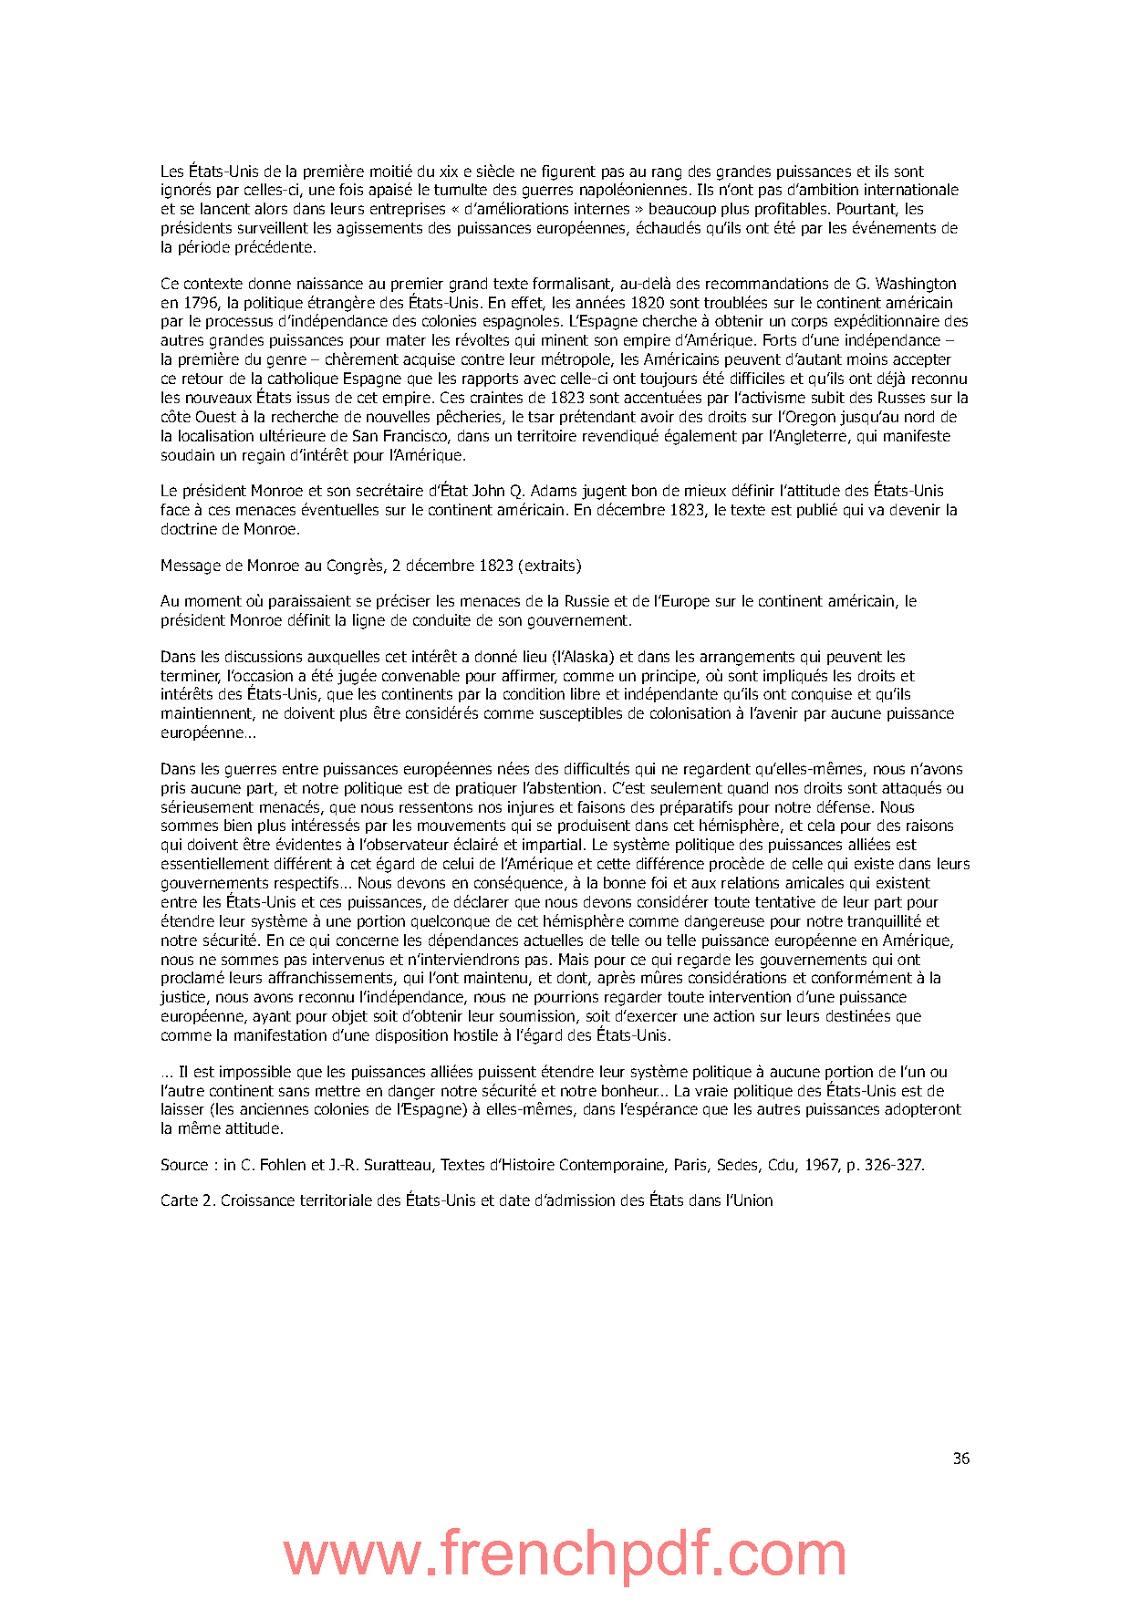 Histoire des Etats-Unis de 1776 à nos jours de Jacques Portes PDF Gratuit 4